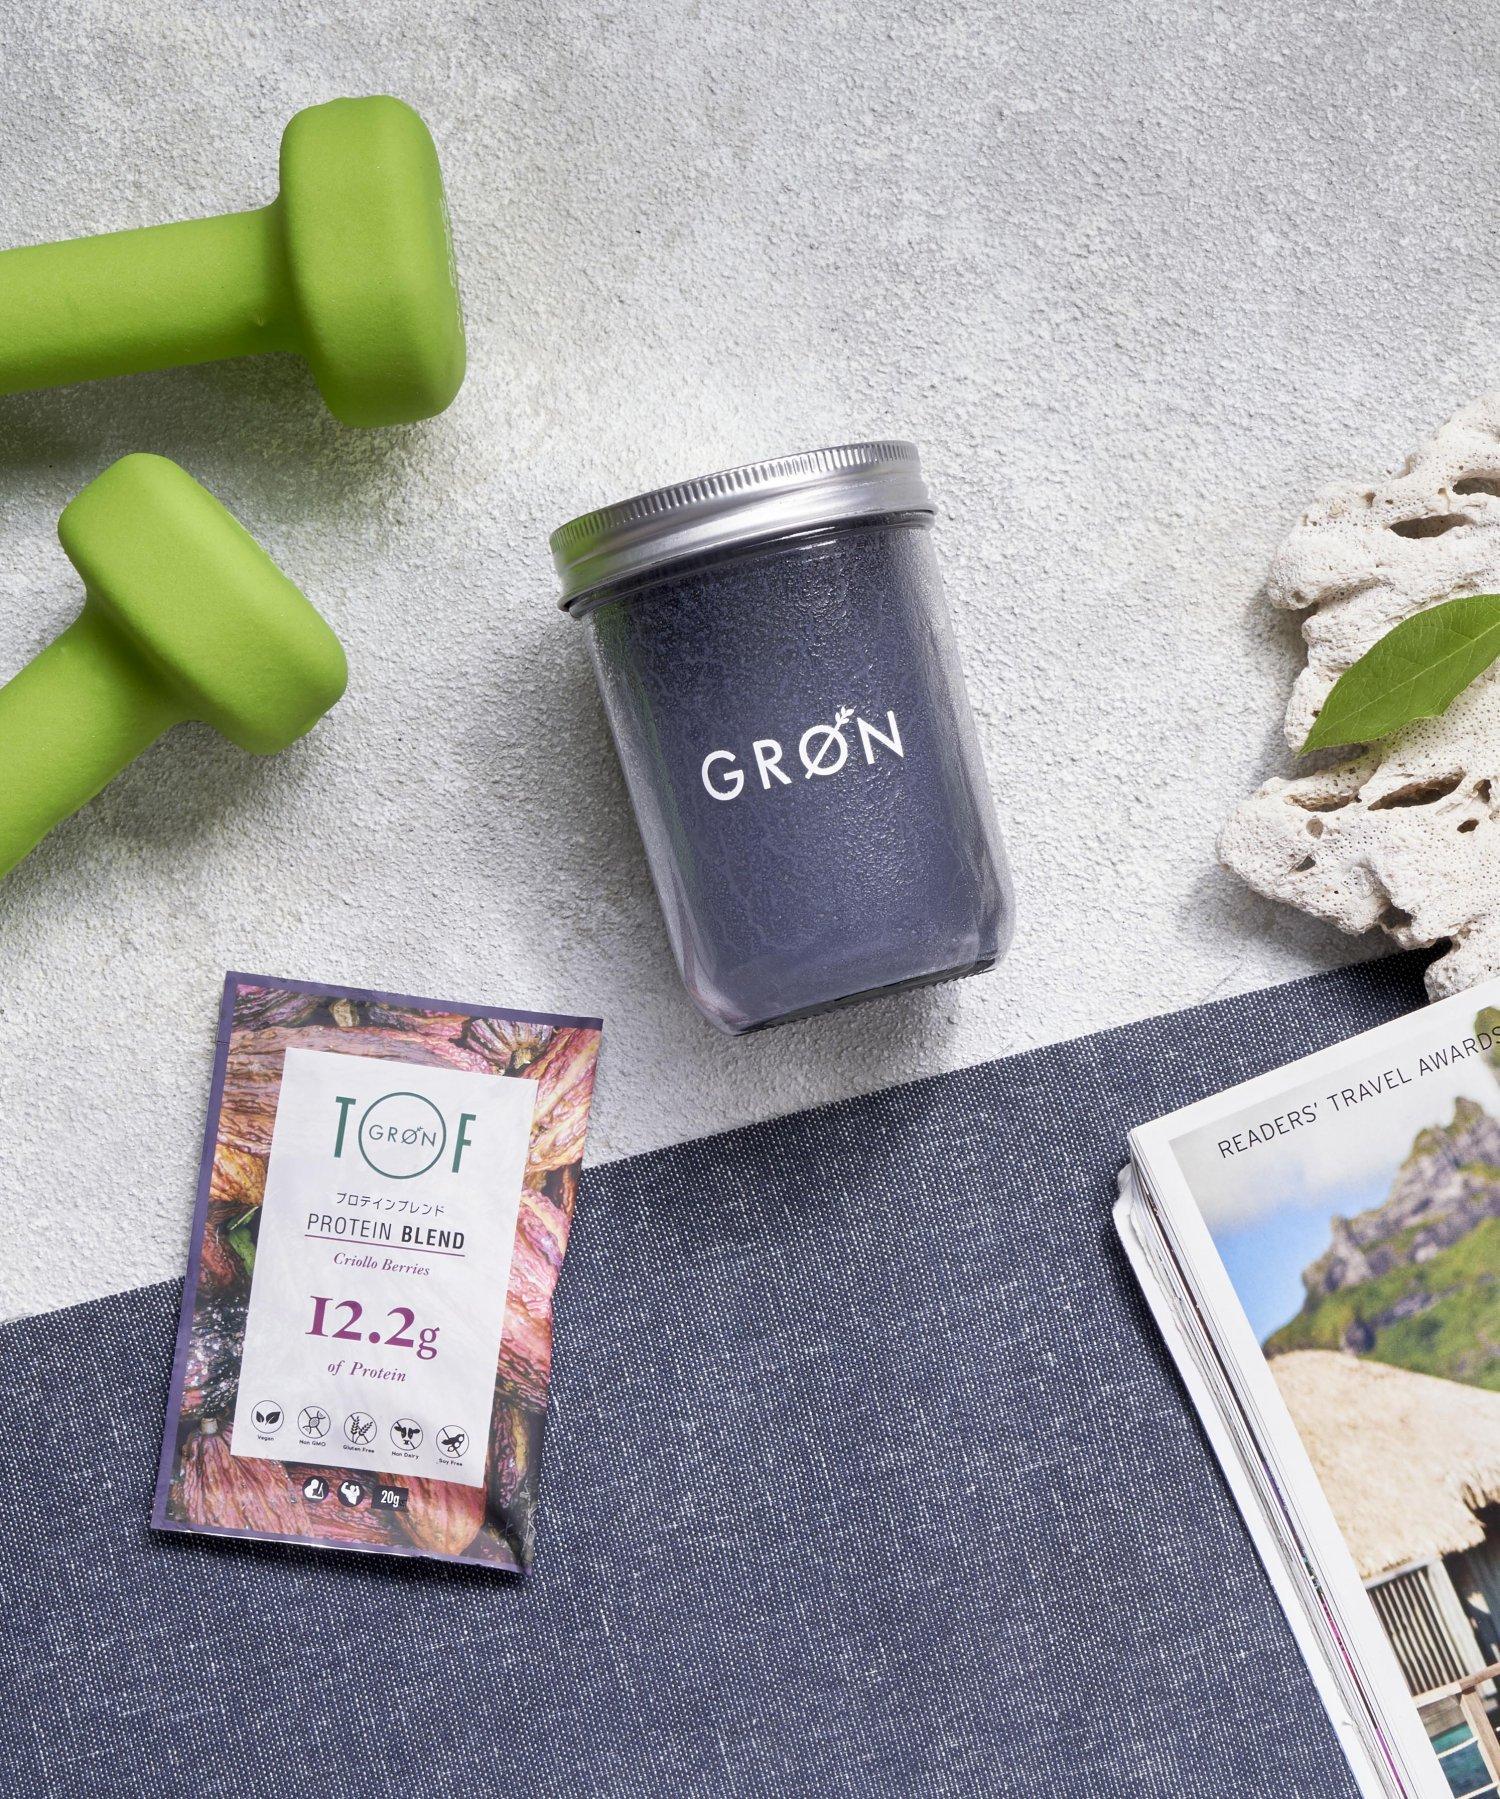 【GRON × TOF】プロテイン クリオロベリーズ 20g 個包装